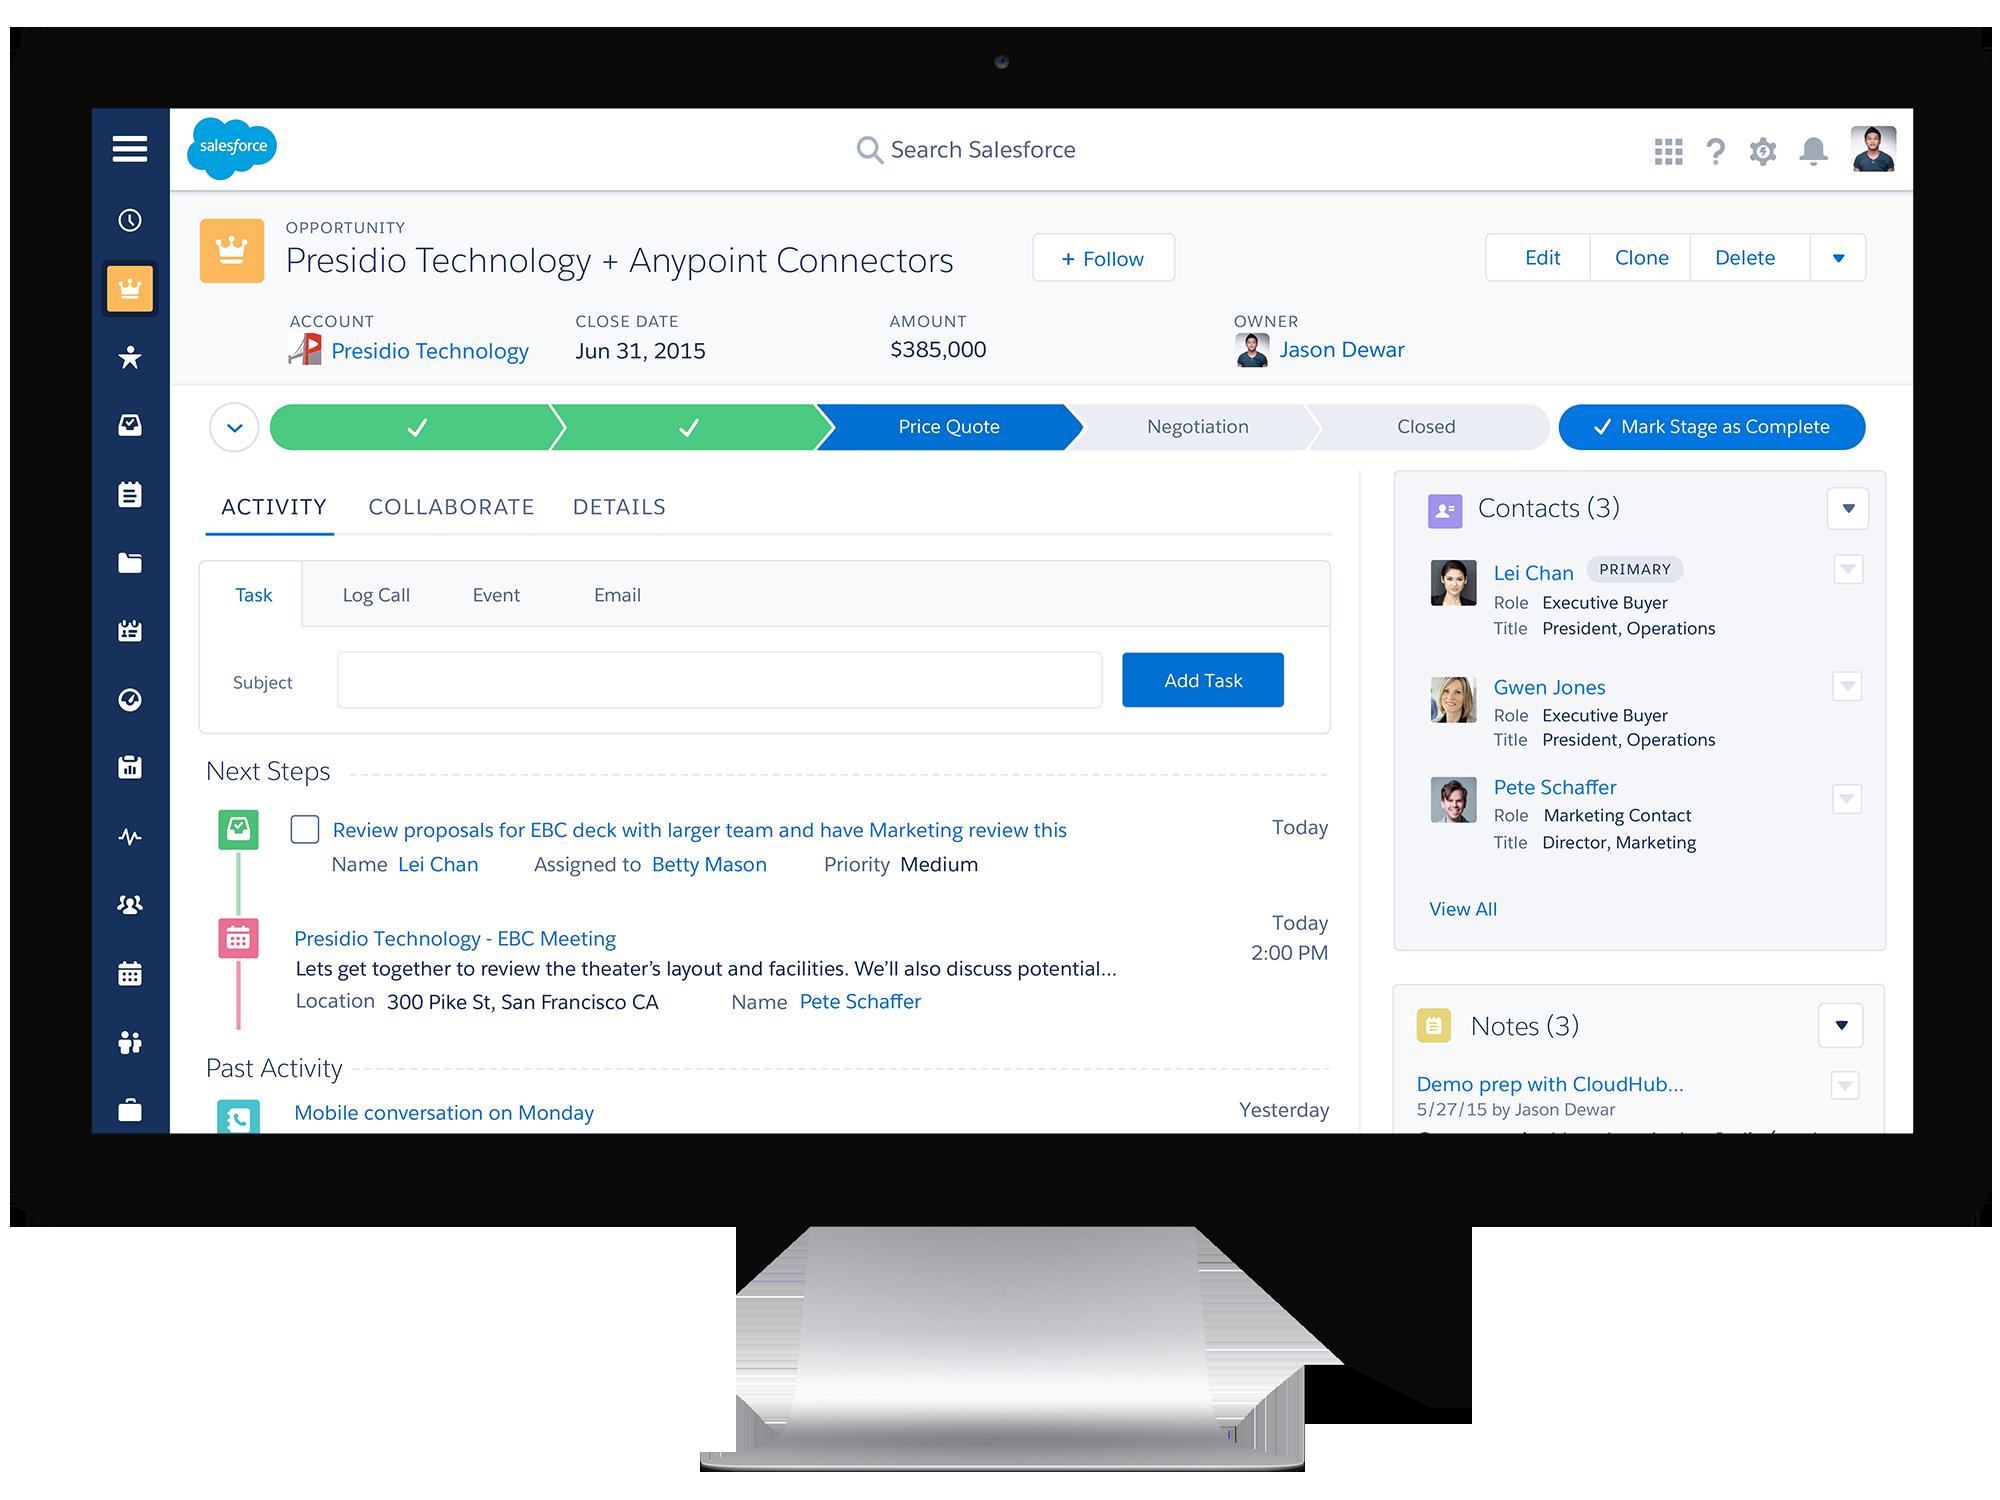 salesforce-herramientas-de-colaboracion-para-marketing-digital.png